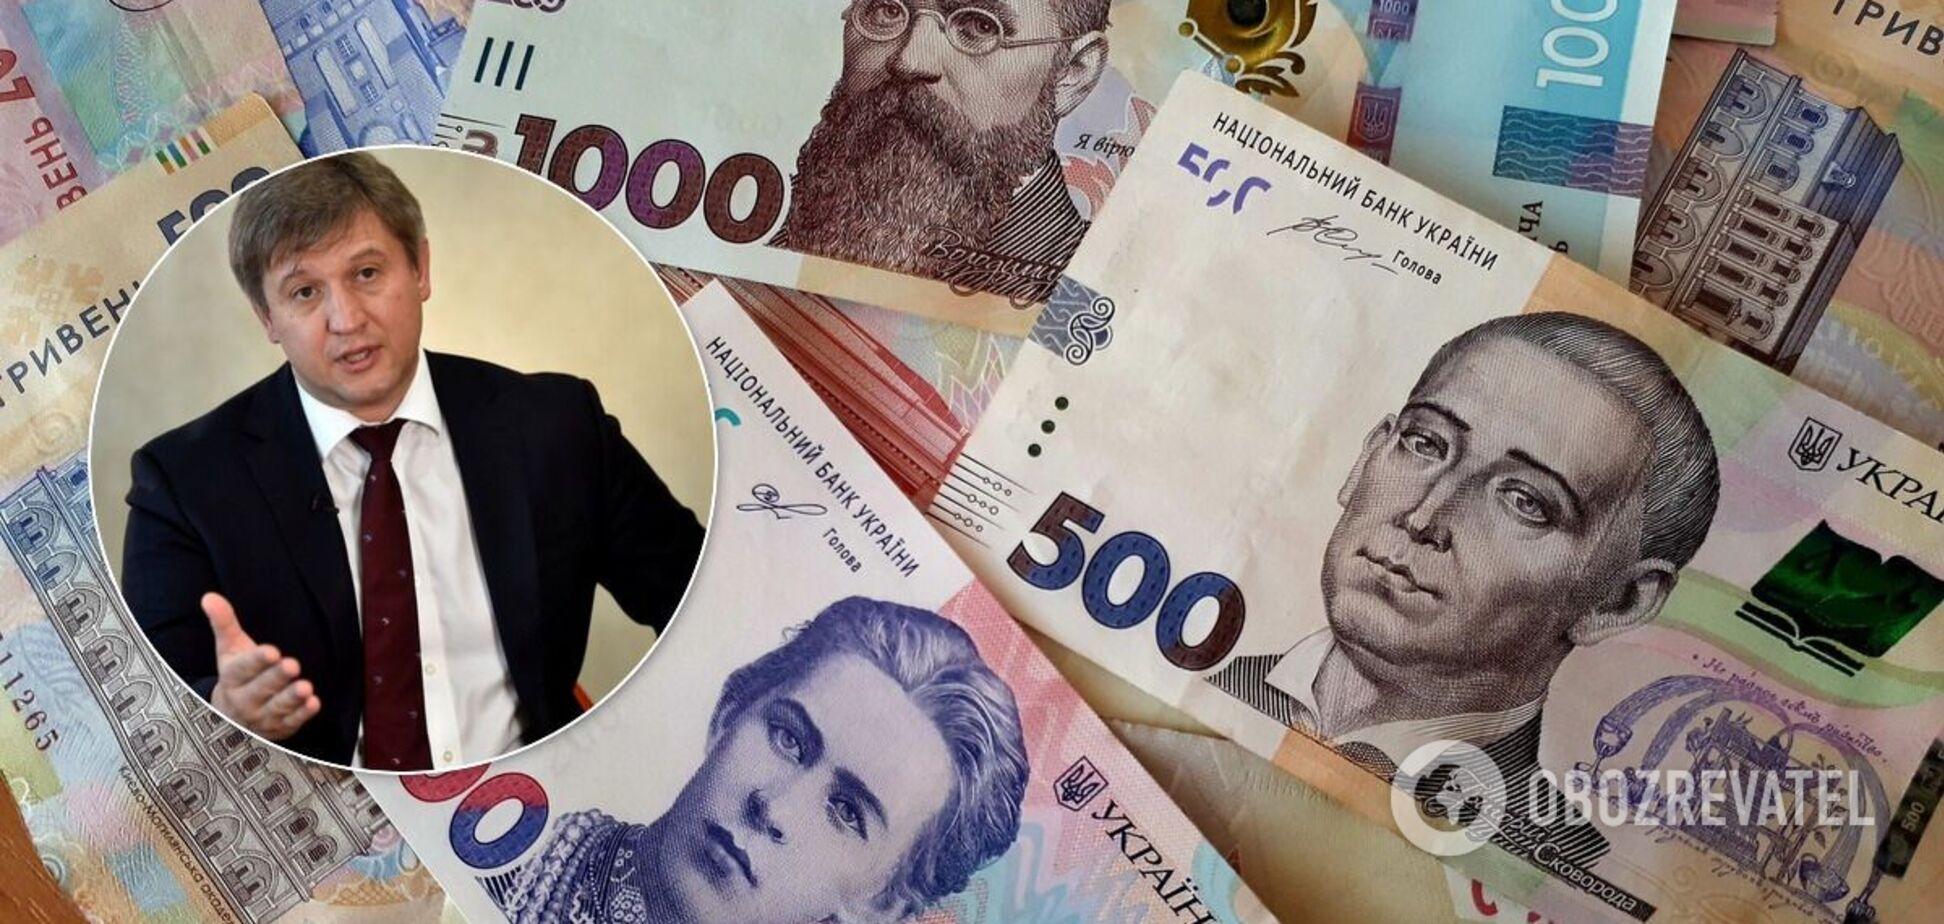 Украинцам насчитывают фейковые долги за газ: экс-министру 'нарисовали' минус